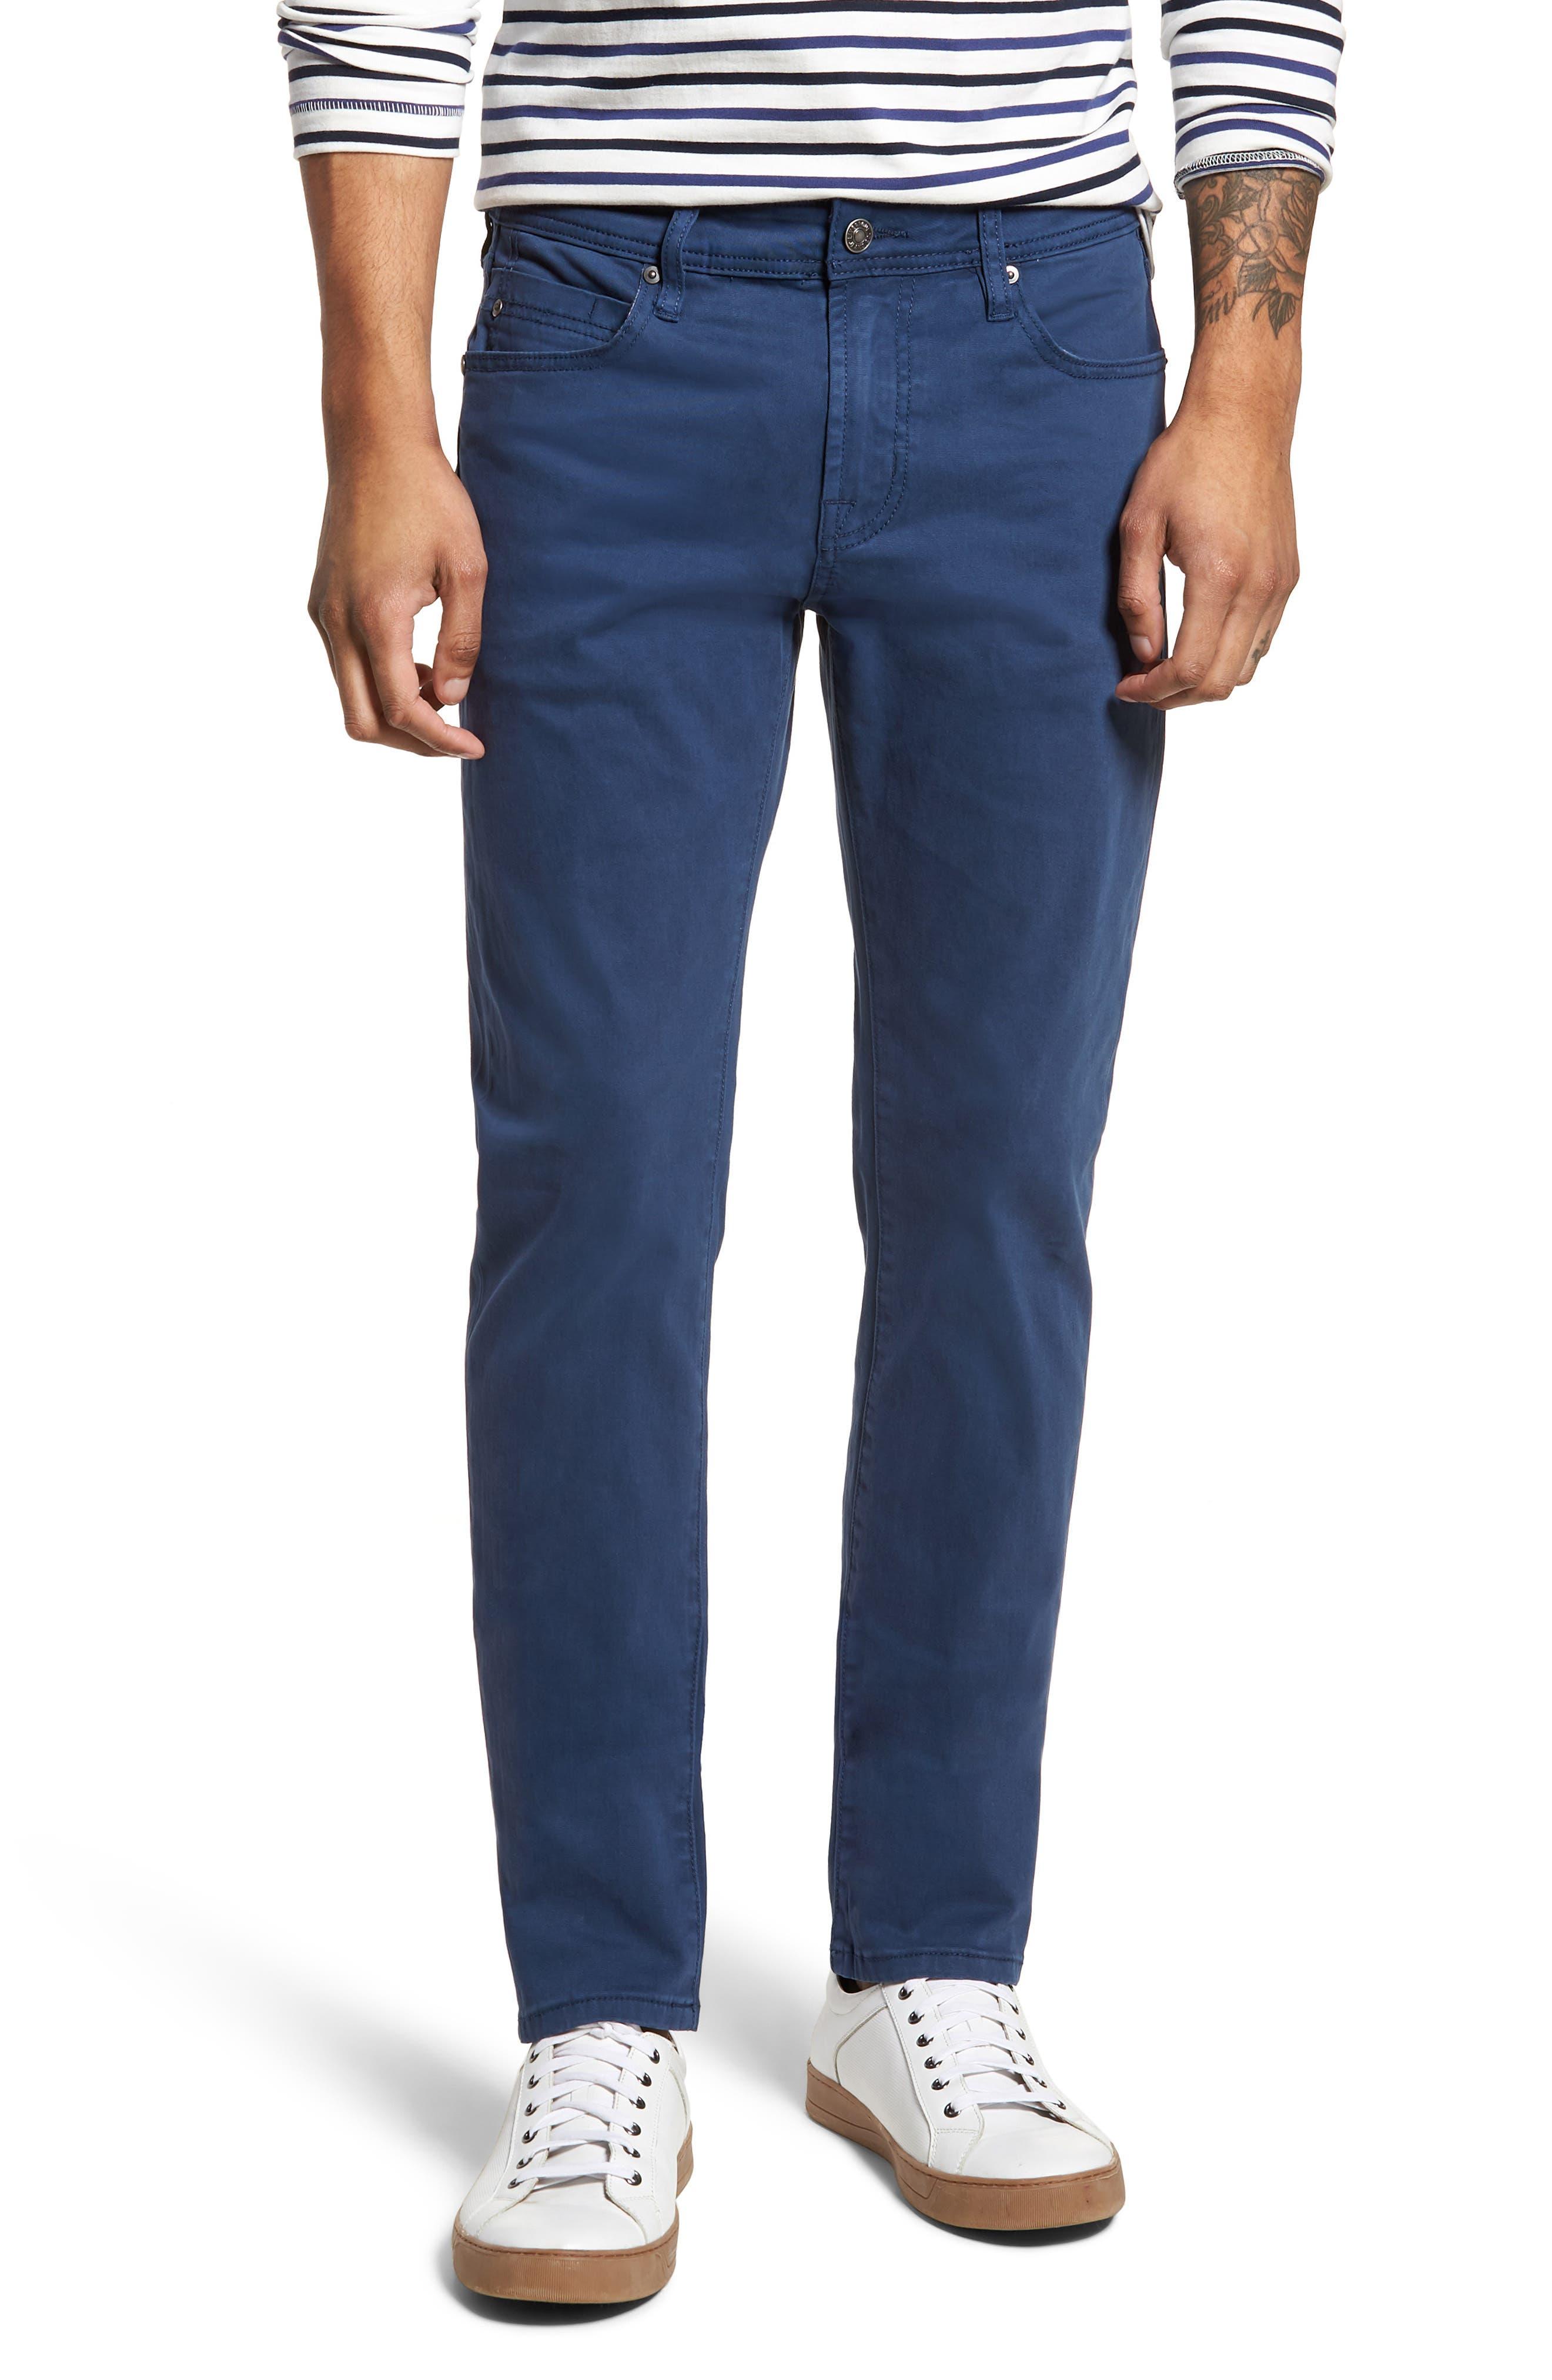 Jeans Co. Kingston Slim Straight Leg Jeans,                             Main thumbnail 1, color,                             BLUE TWILIGHT